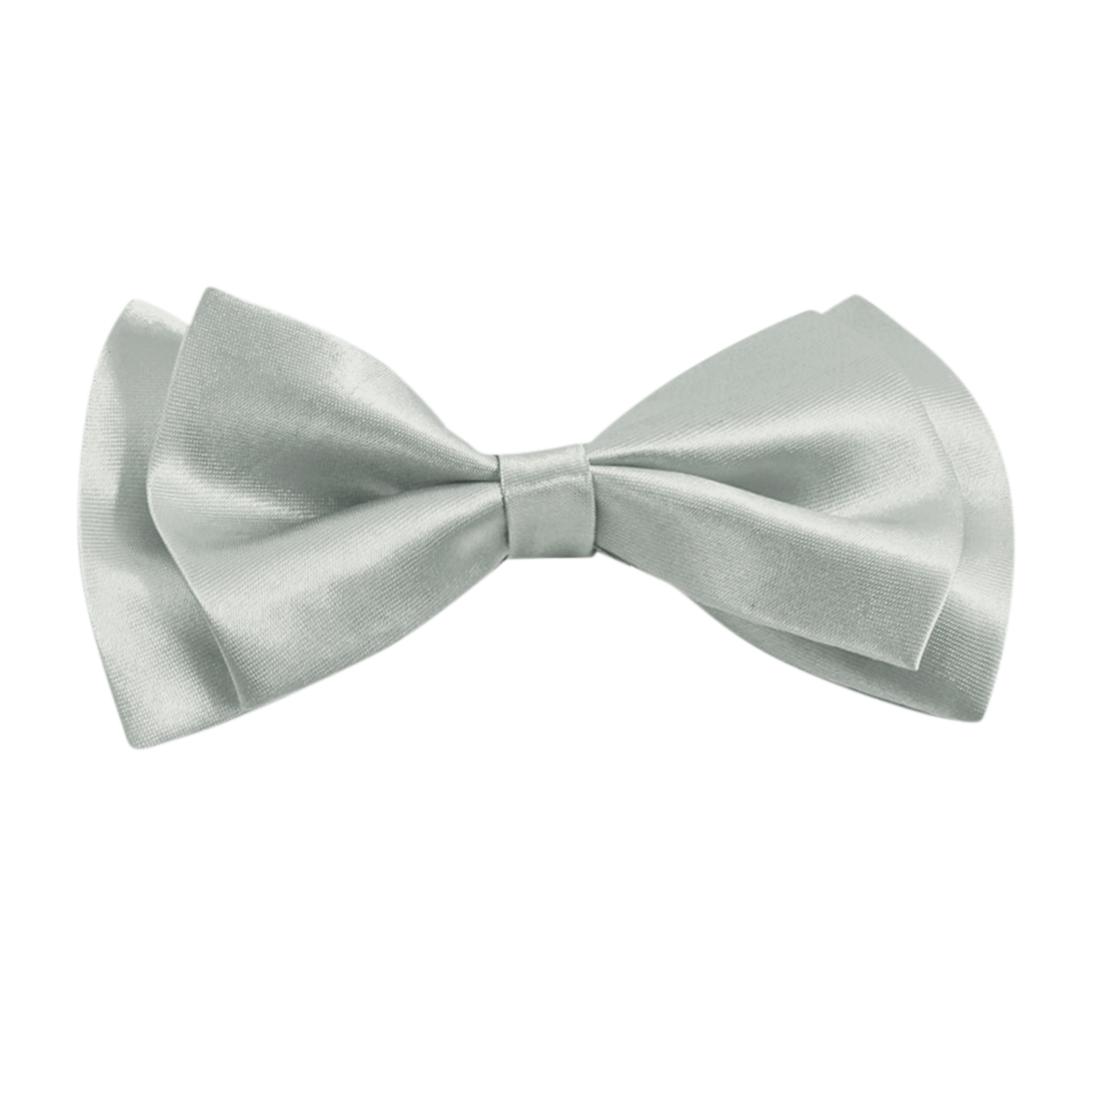 Women Pre-tied Adjustable Quick Clip-on Necktie Neckwear Bow Tie Gray